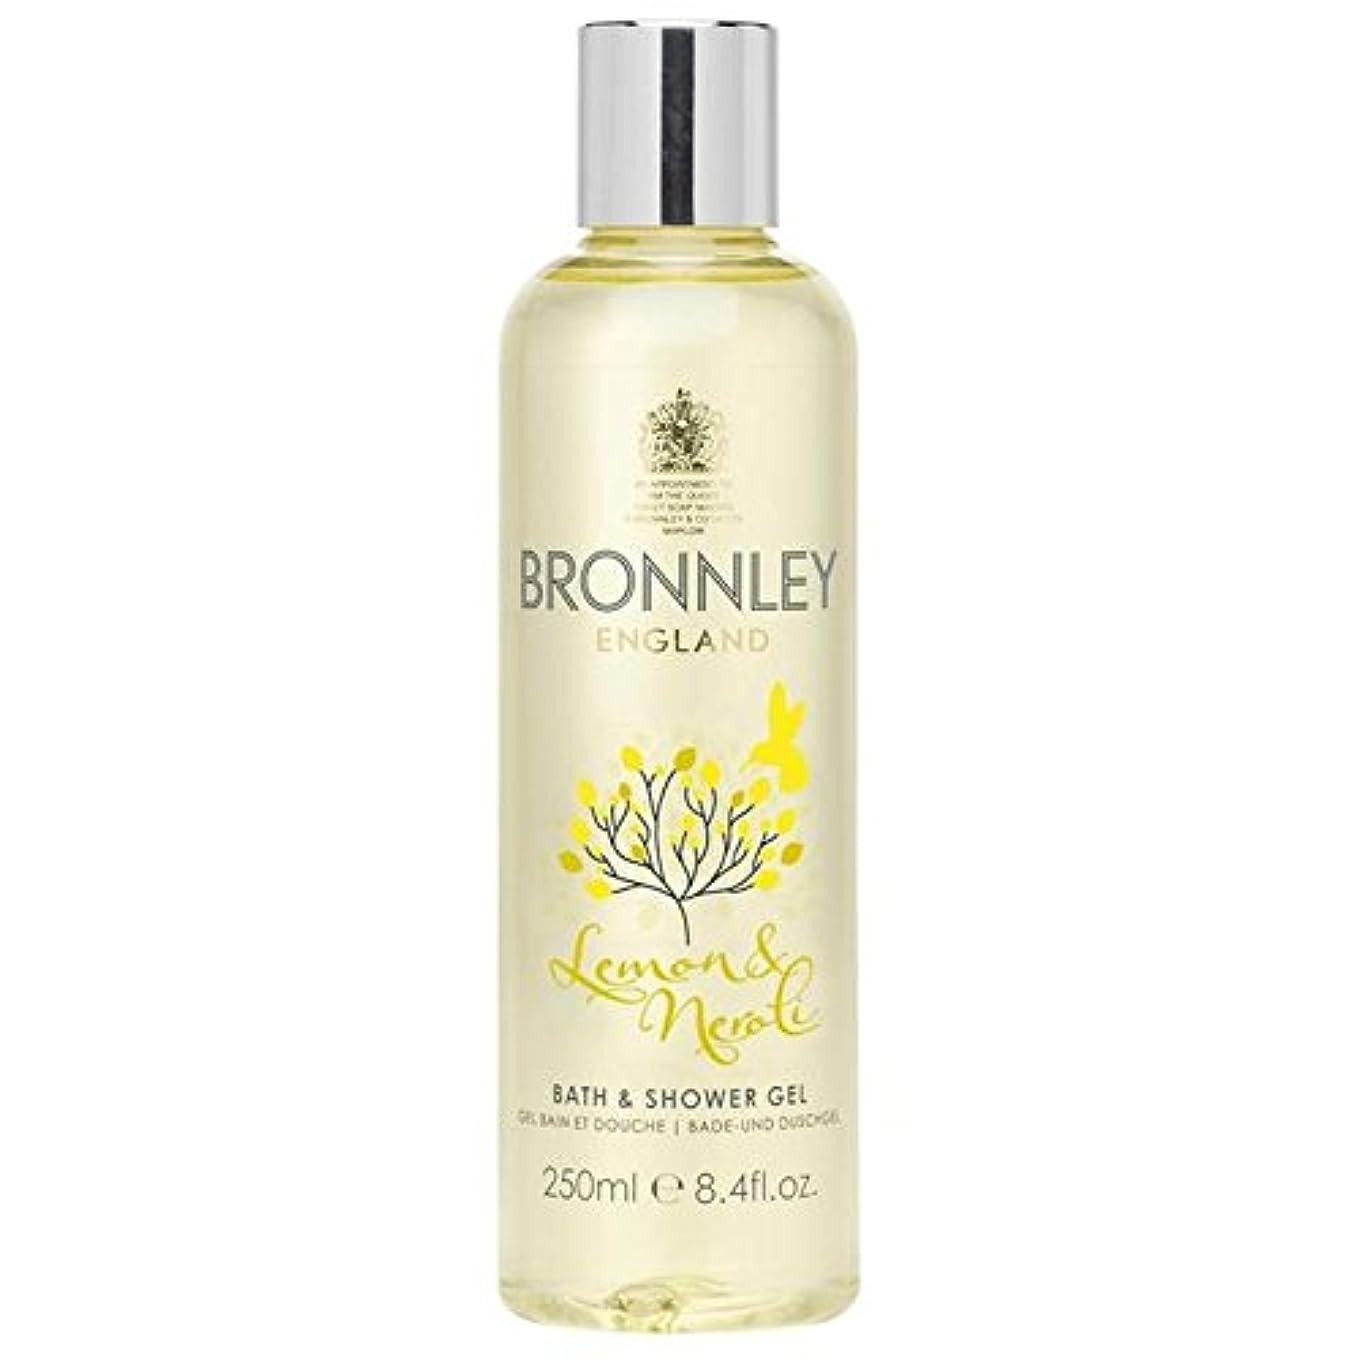 粘性のまで耐えられないBronnley Lemon & Neroli Bath & Shower Gel 250ml (Pack of 6) - レモン&ネロリバス&シャワージェル250ミリリットル x6 [並行輸入品]